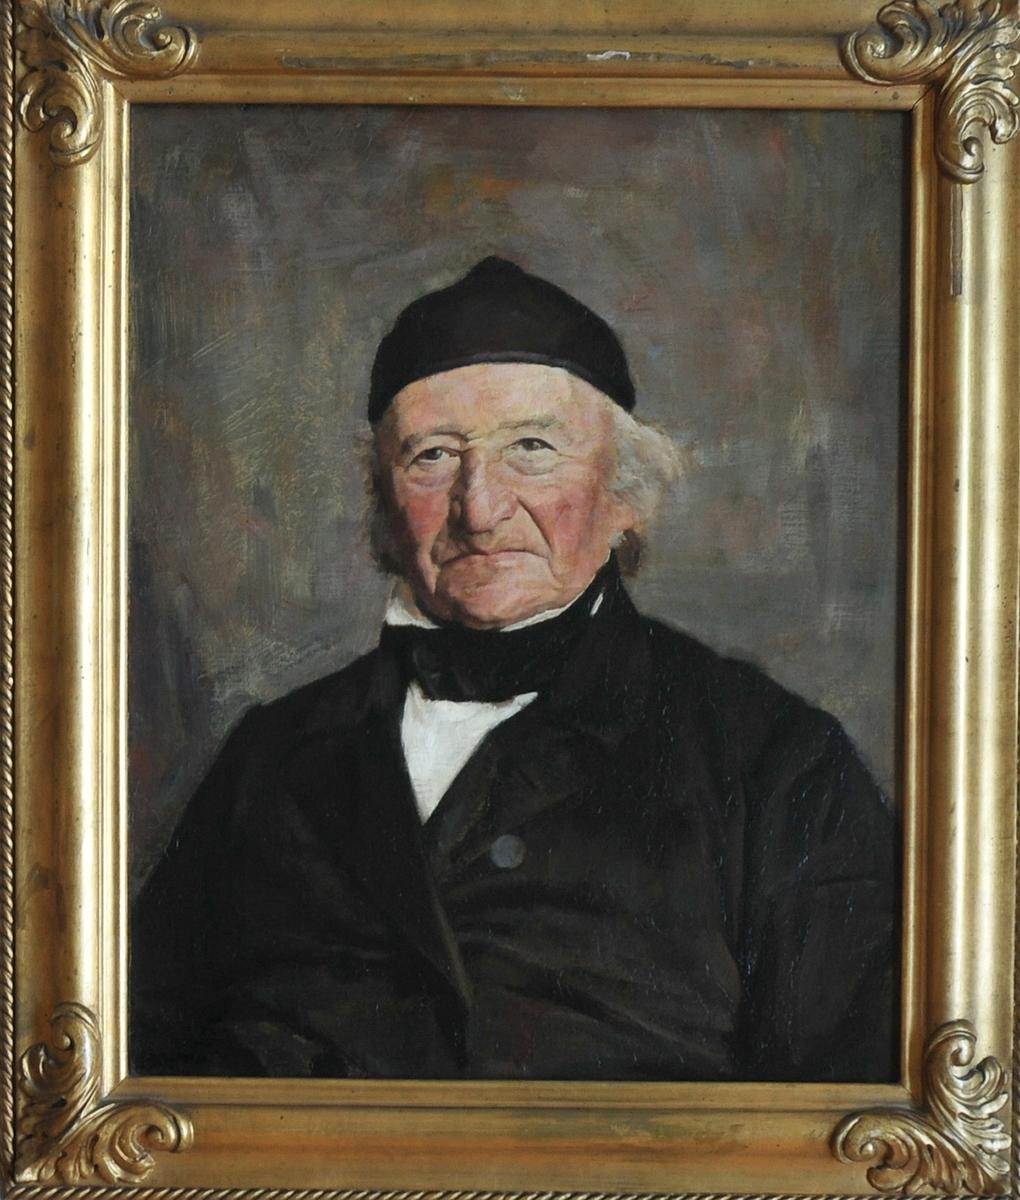 Manns portrett i rektanguler råme